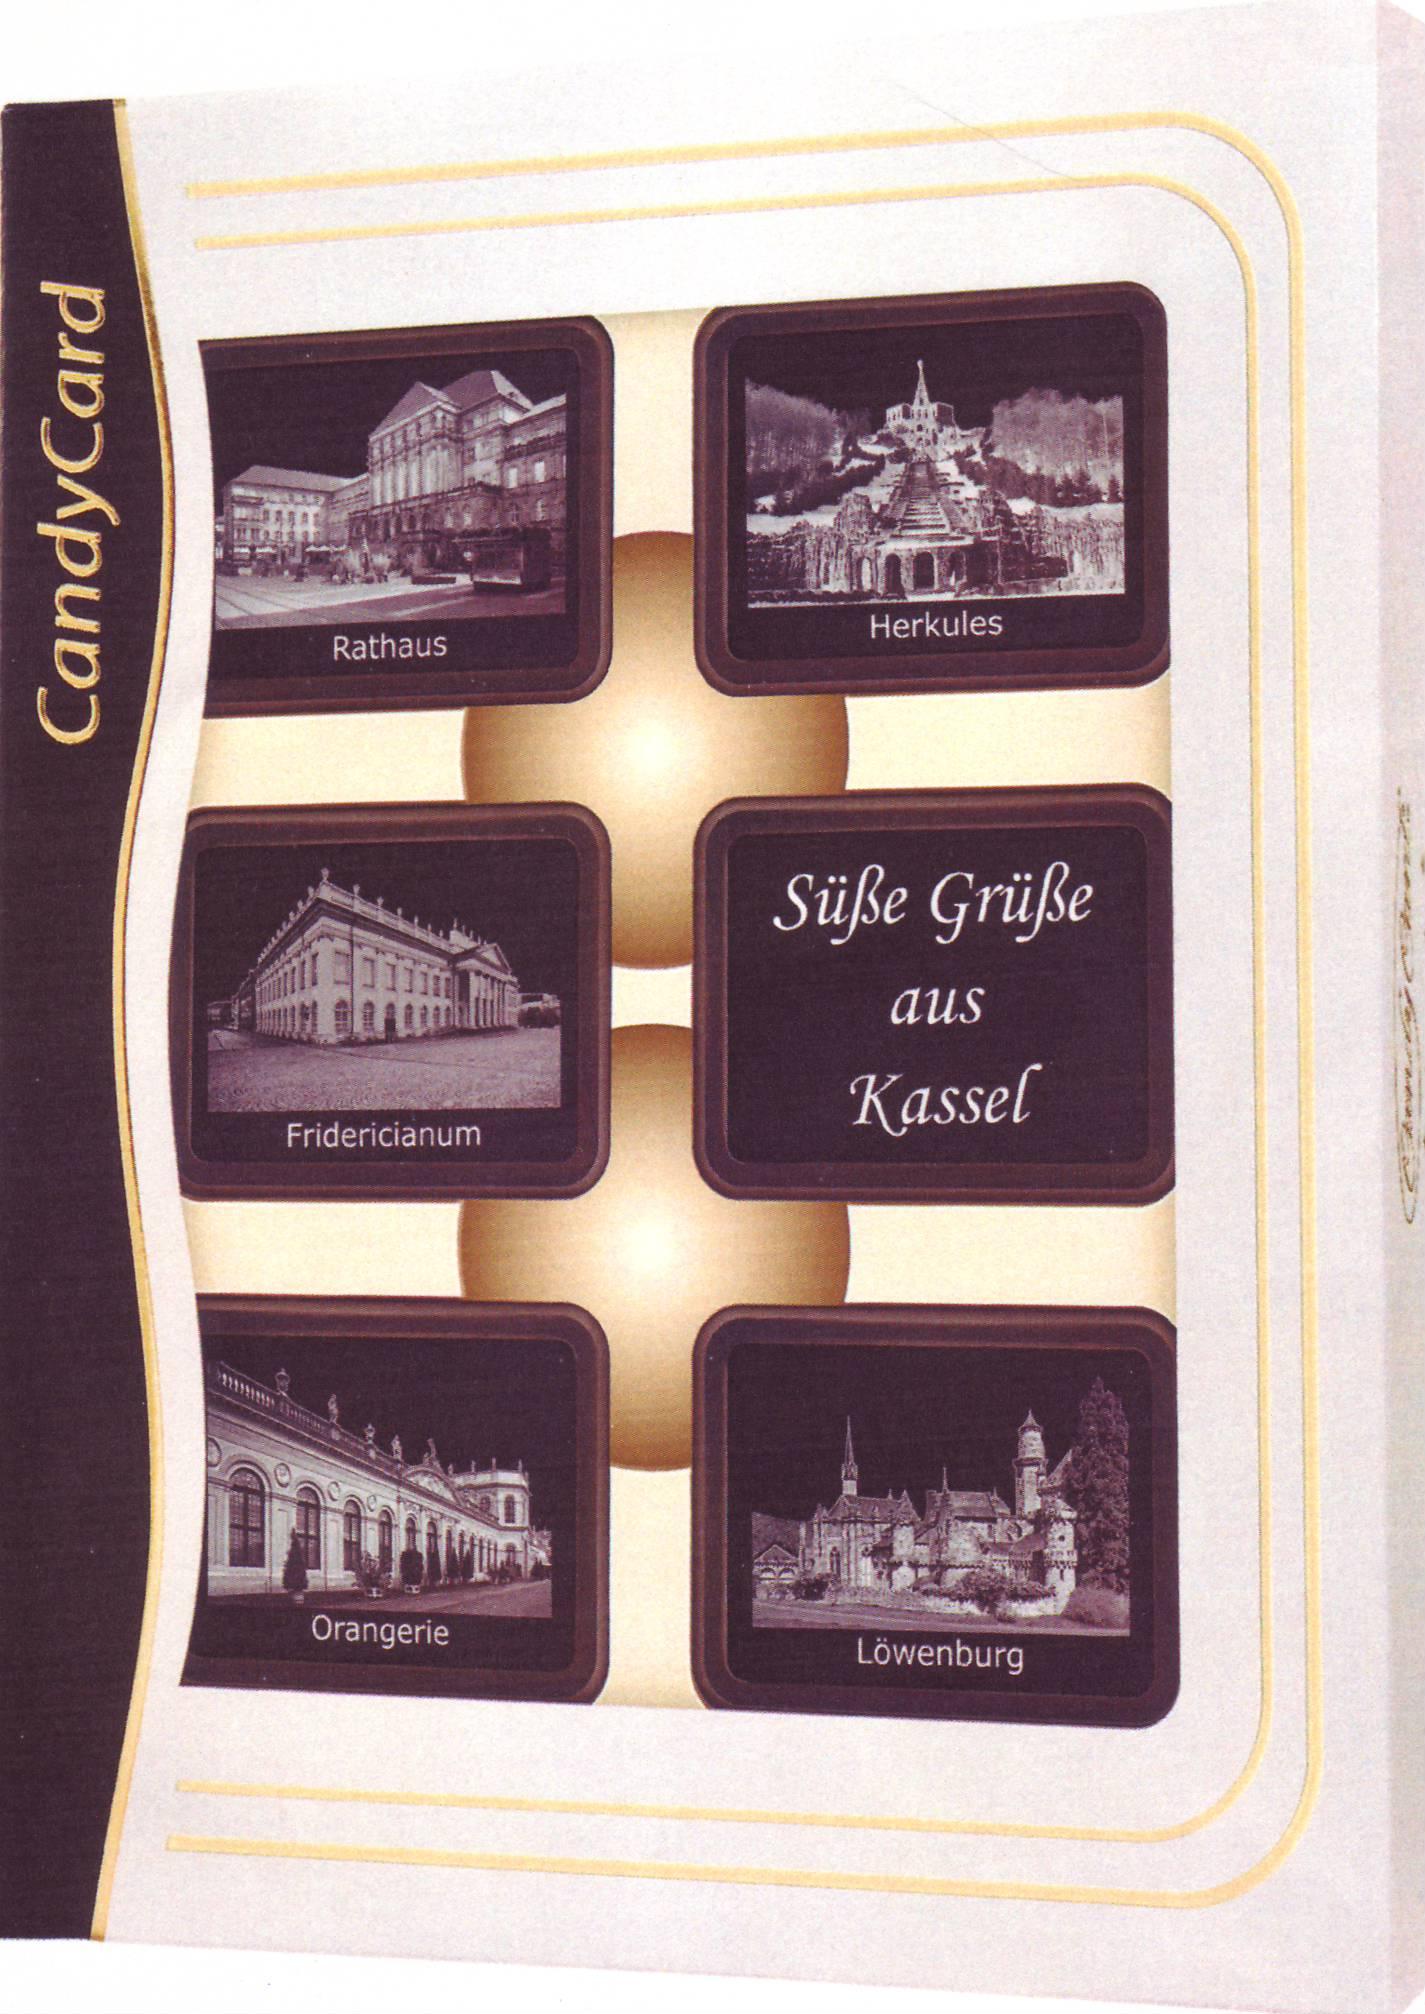 Schokolade mit Kassel Motiv - Souvenir